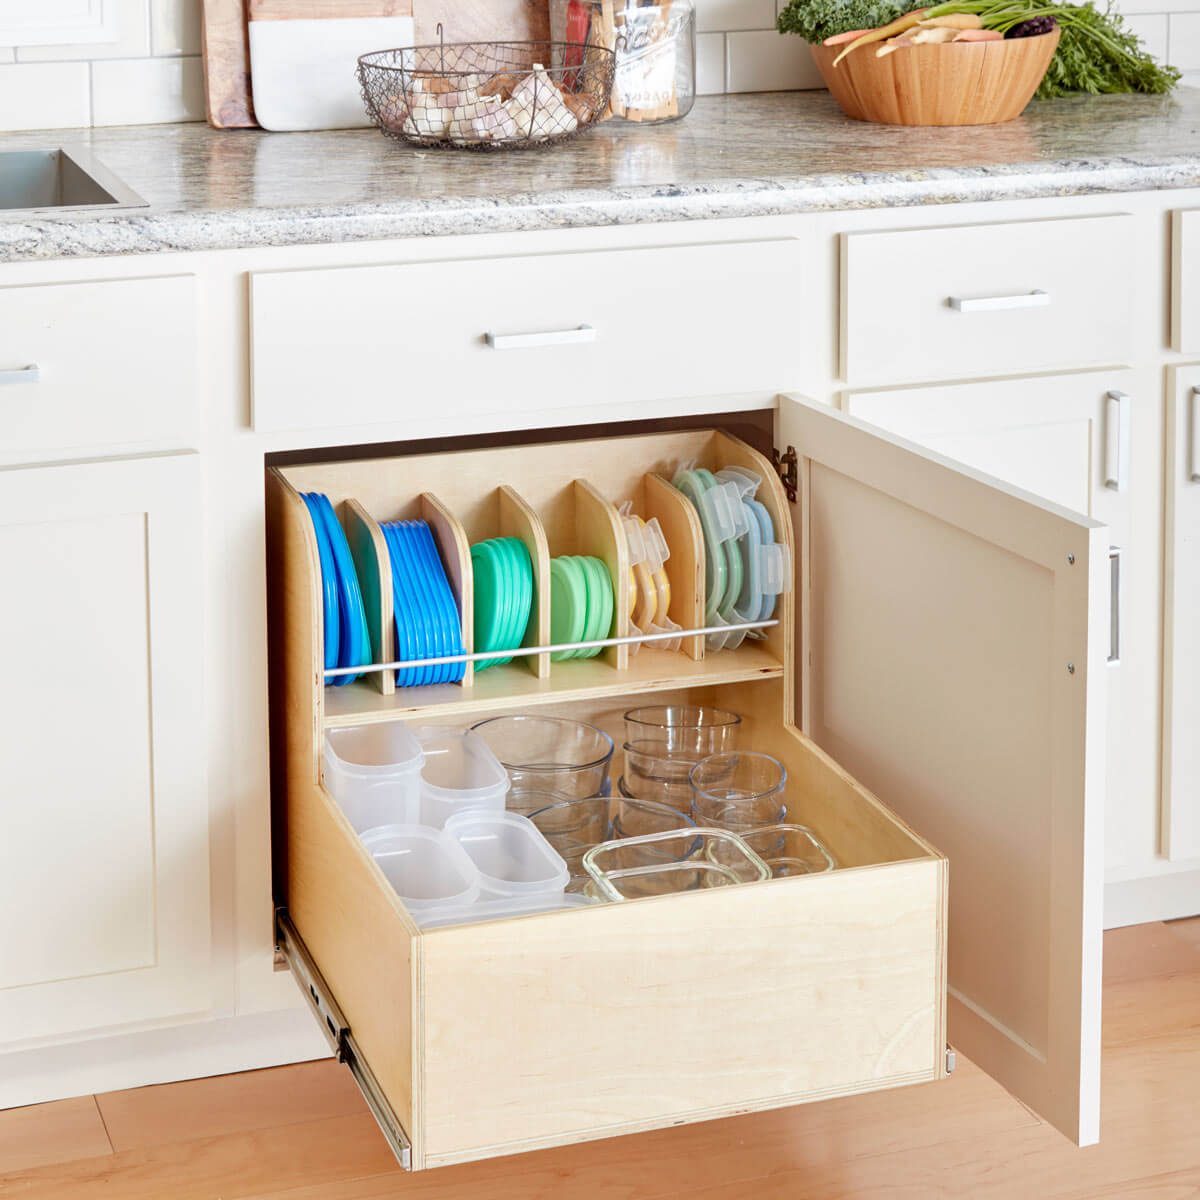 ultimate container storage cabinet tupper wear kitchen organization